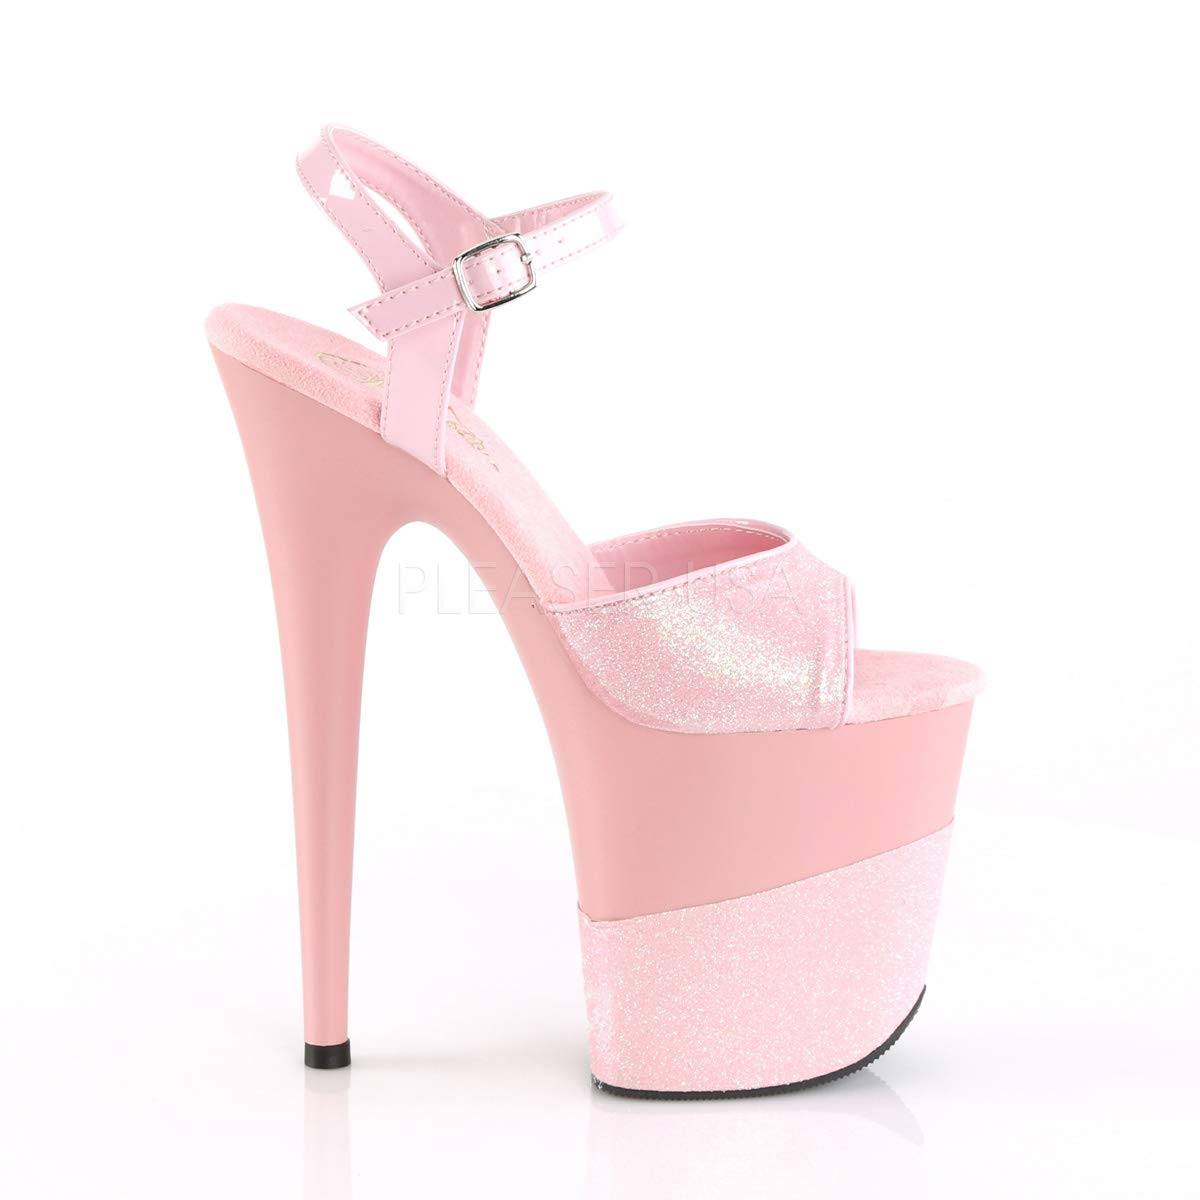 d140825b3b52 Amazon.com   Pleaser Women's Flamingo-809-2G Ankle-Strap Sandal   Platforms  & Wedges